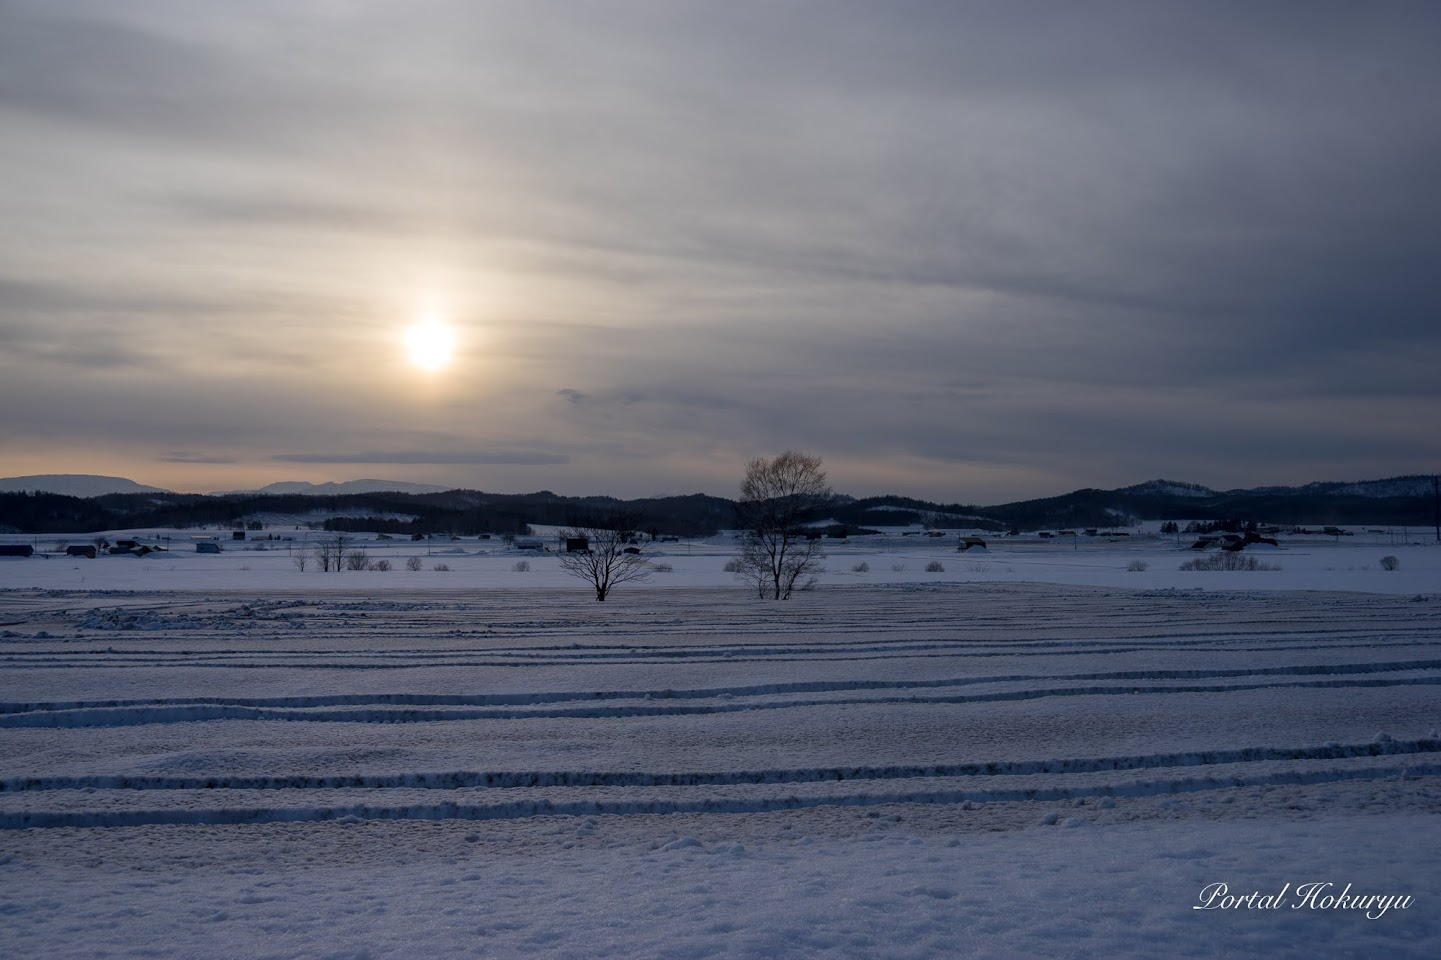 融雪剤散布の景色